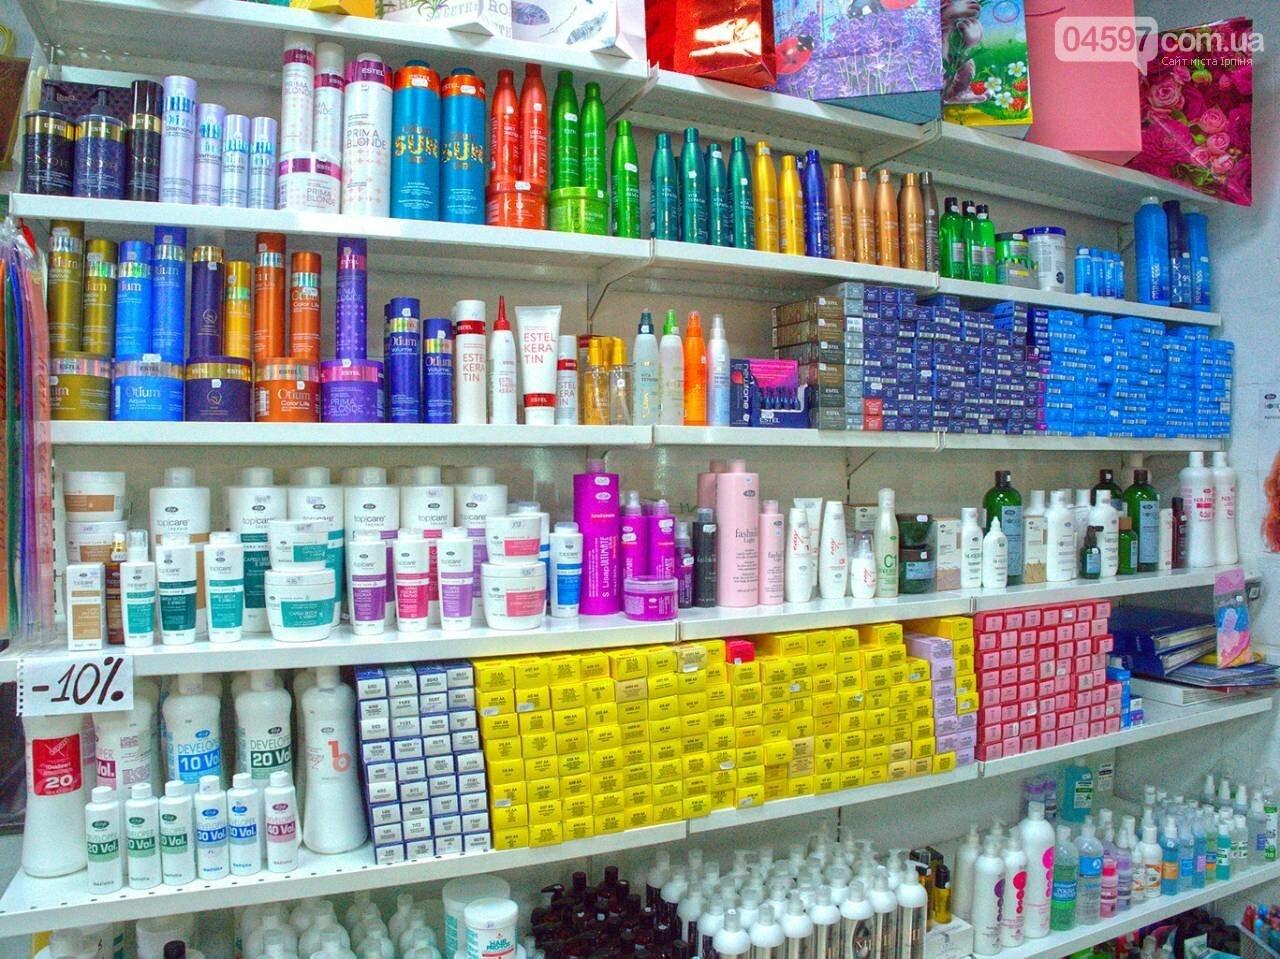 Створи свій образ з магазином «Світ косметики», фото-3